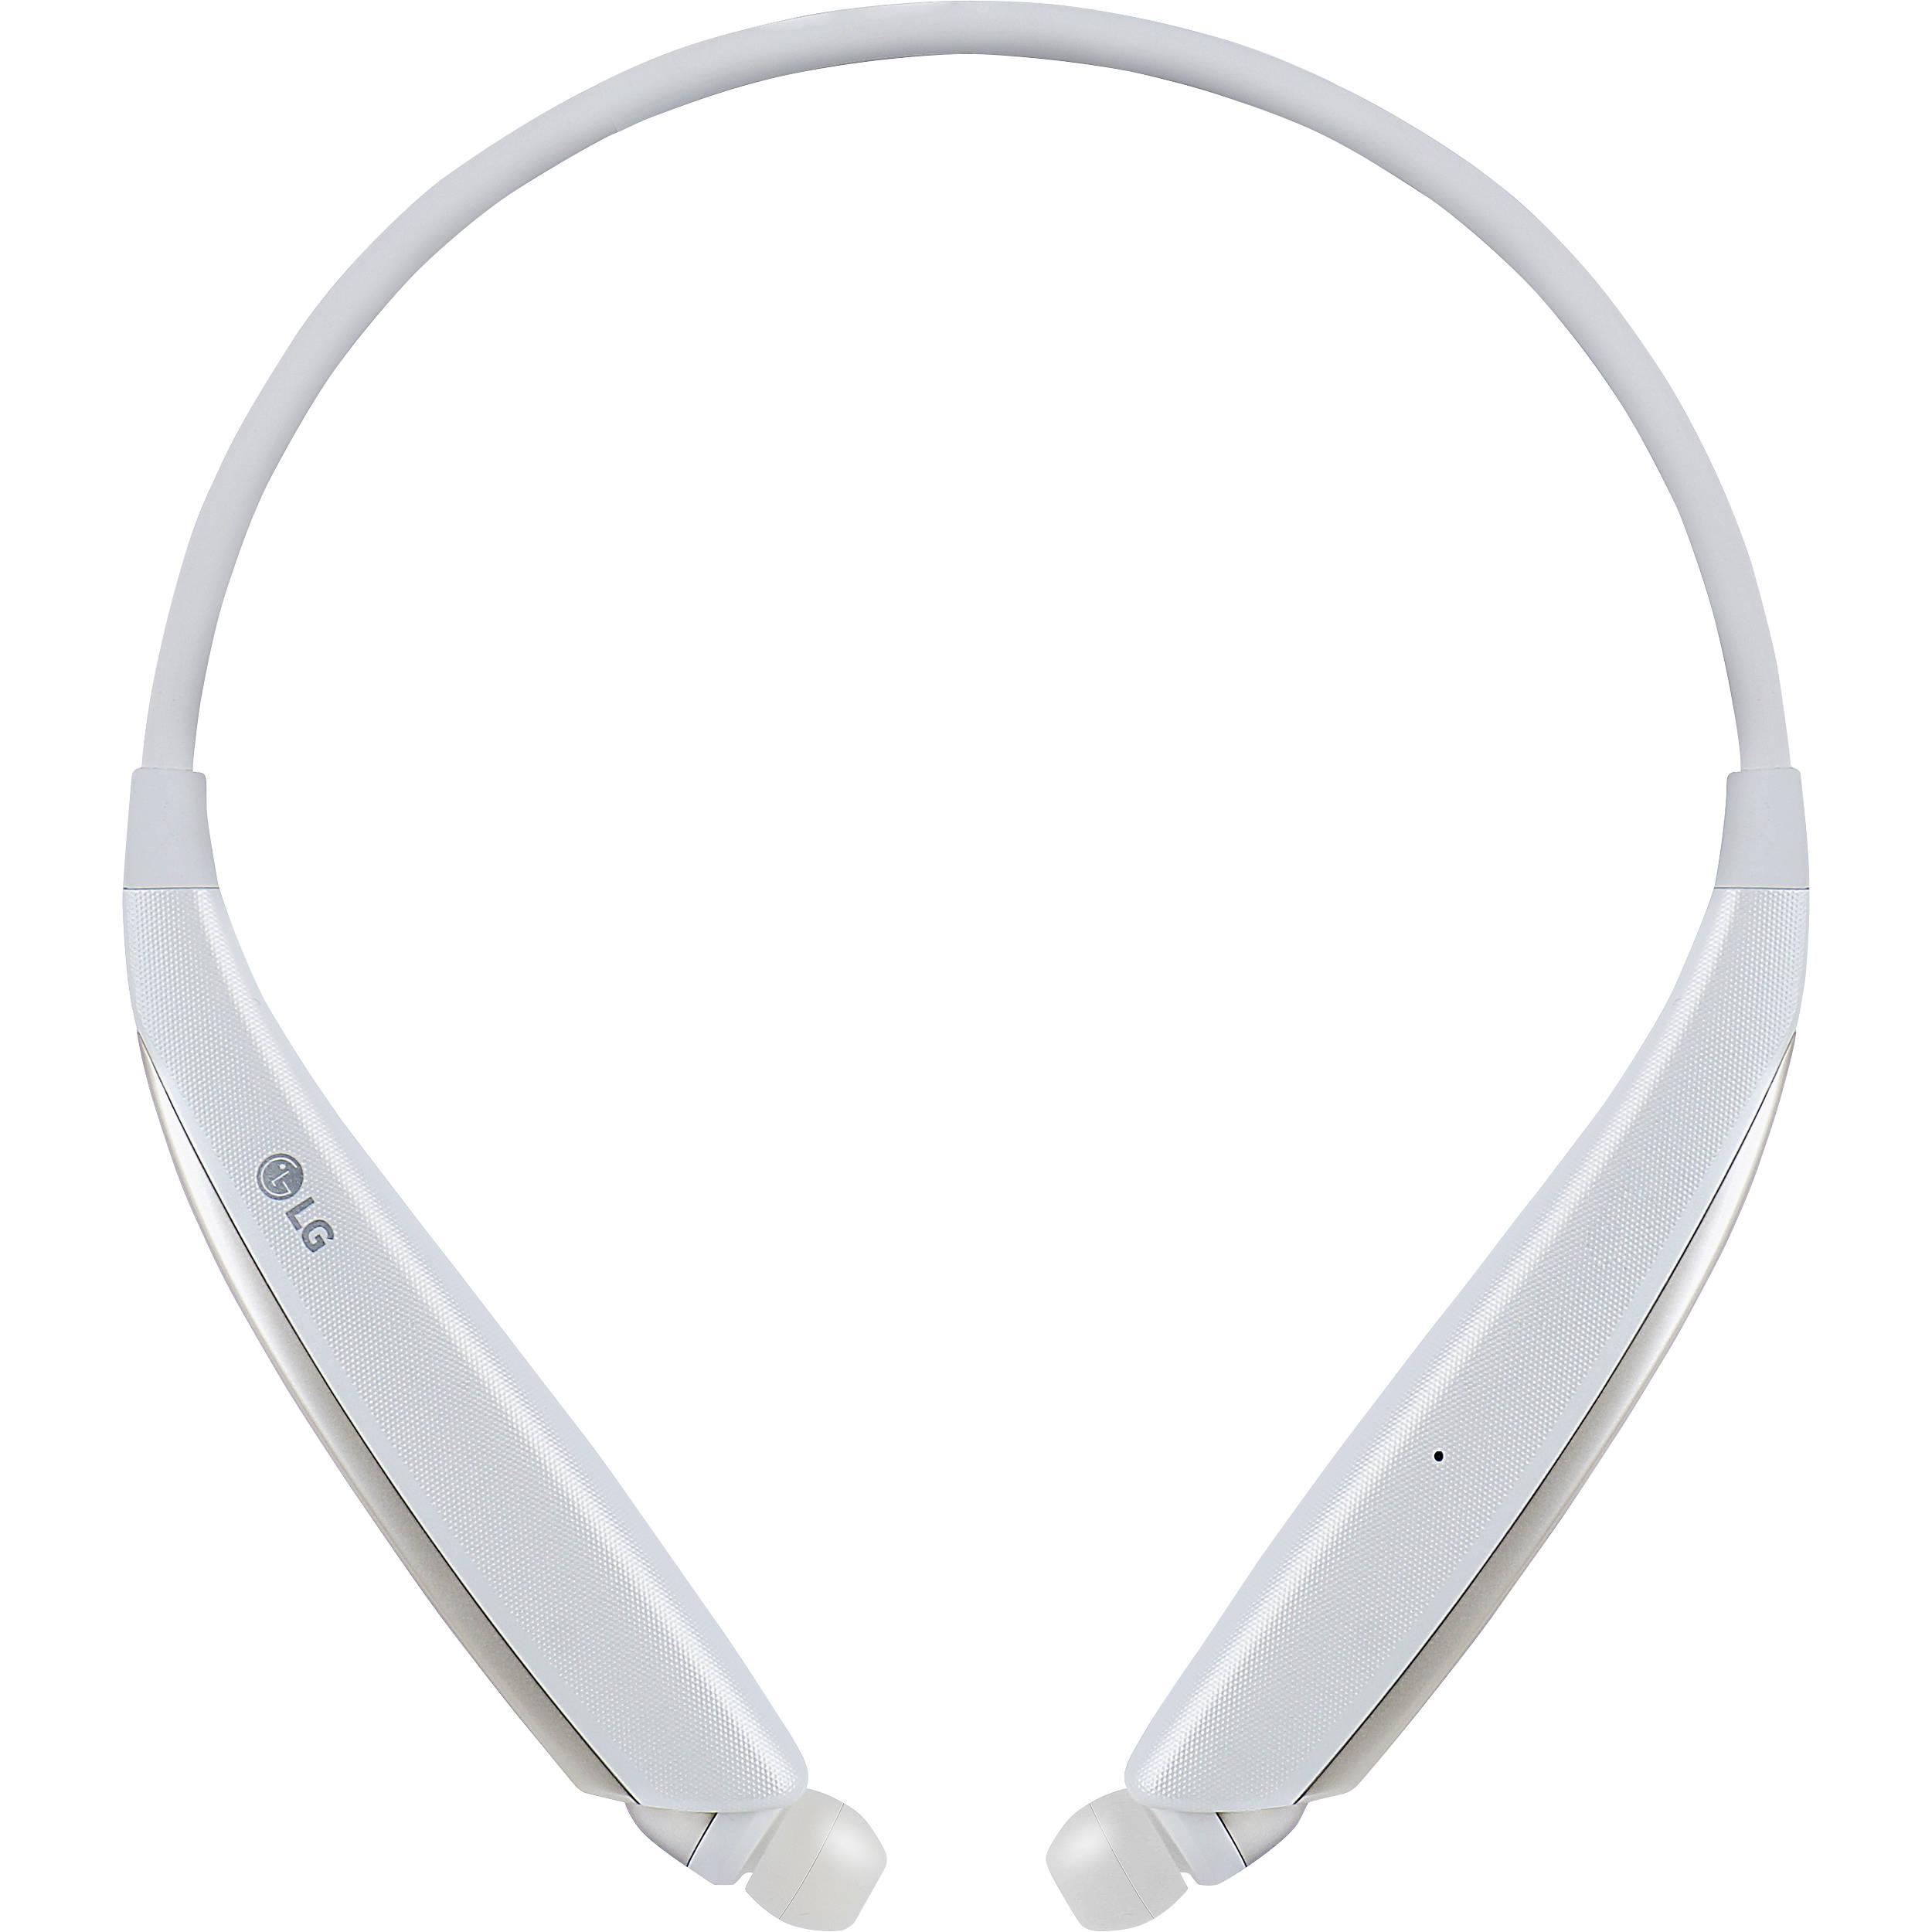 Lg Hbs 830 Tone Ultra Alpha Wireless In Ear Hbs 830 Acuswhi B H